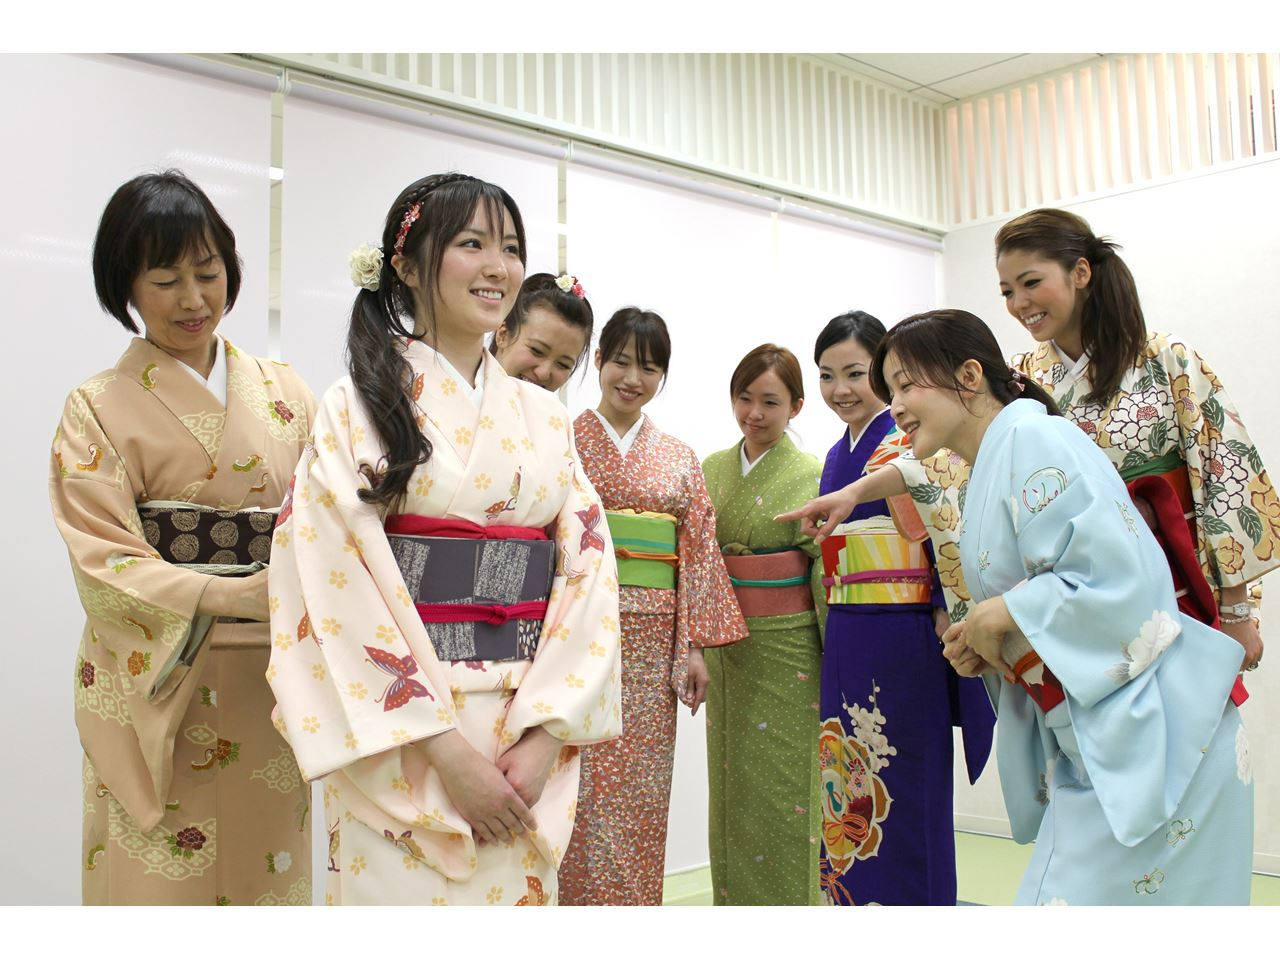 ハクビ京都きもの学院 - 高田教室